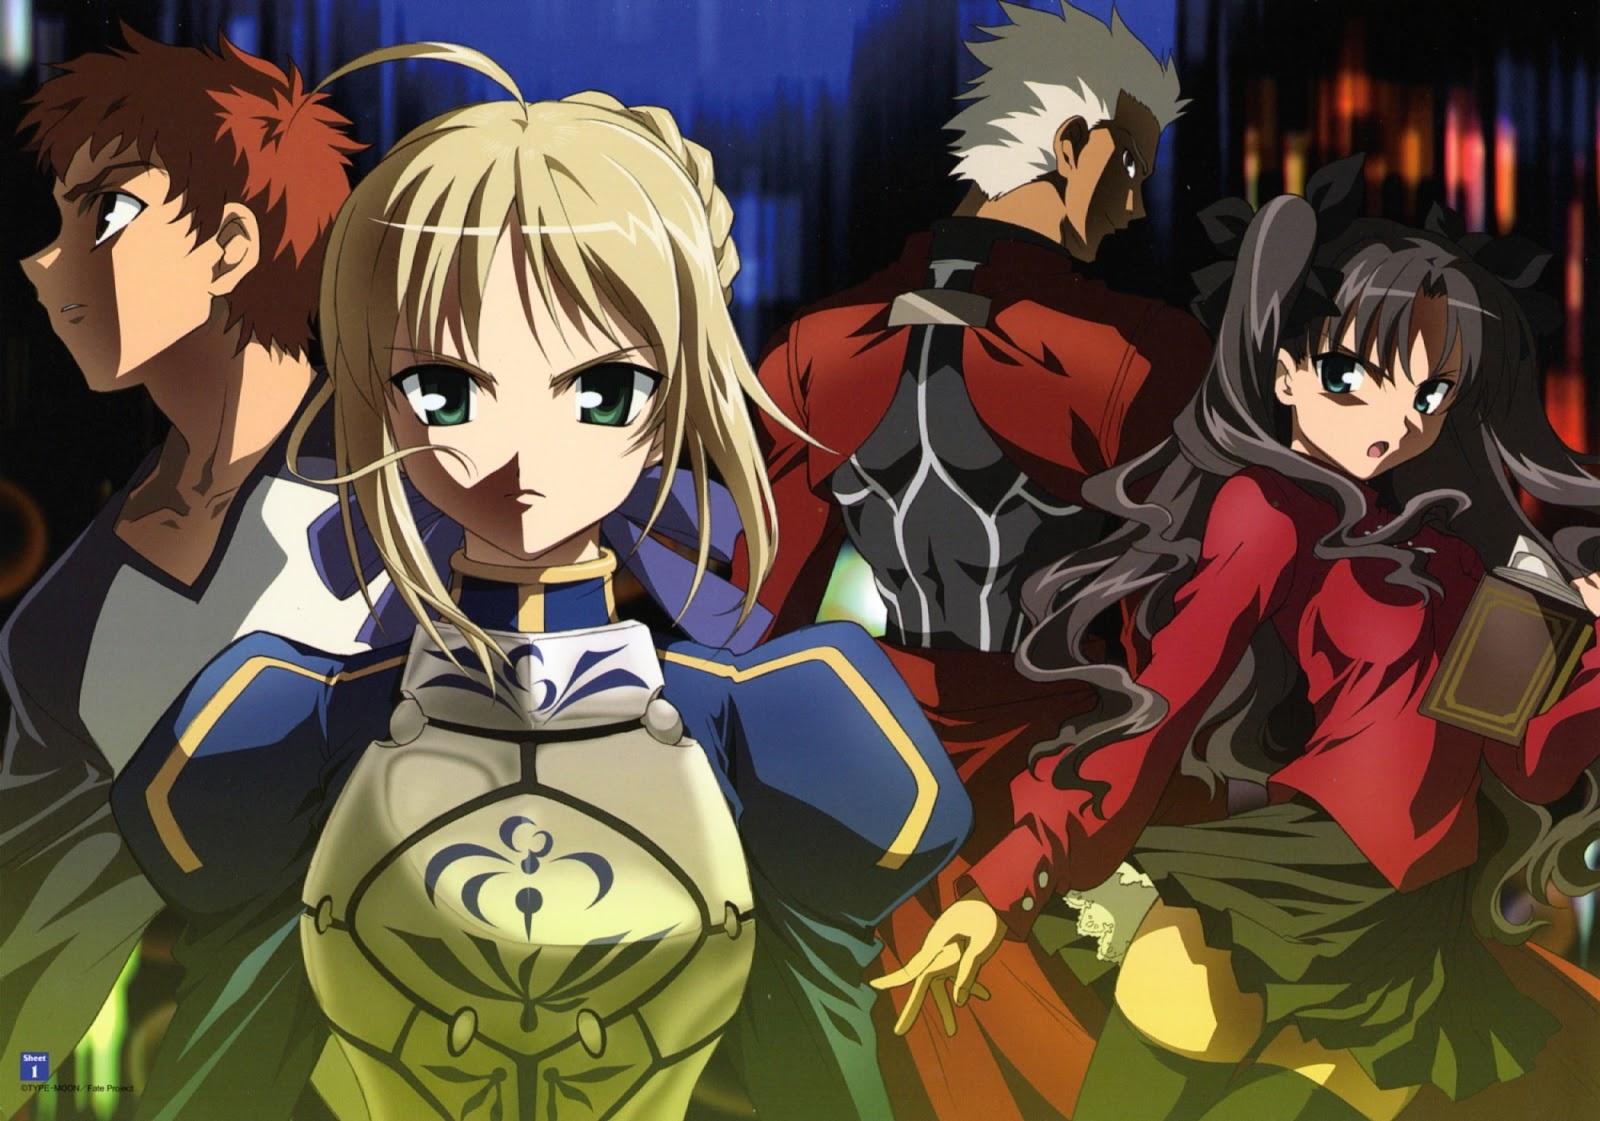 Urutan Nonton Anime Fate Series Yang Benar